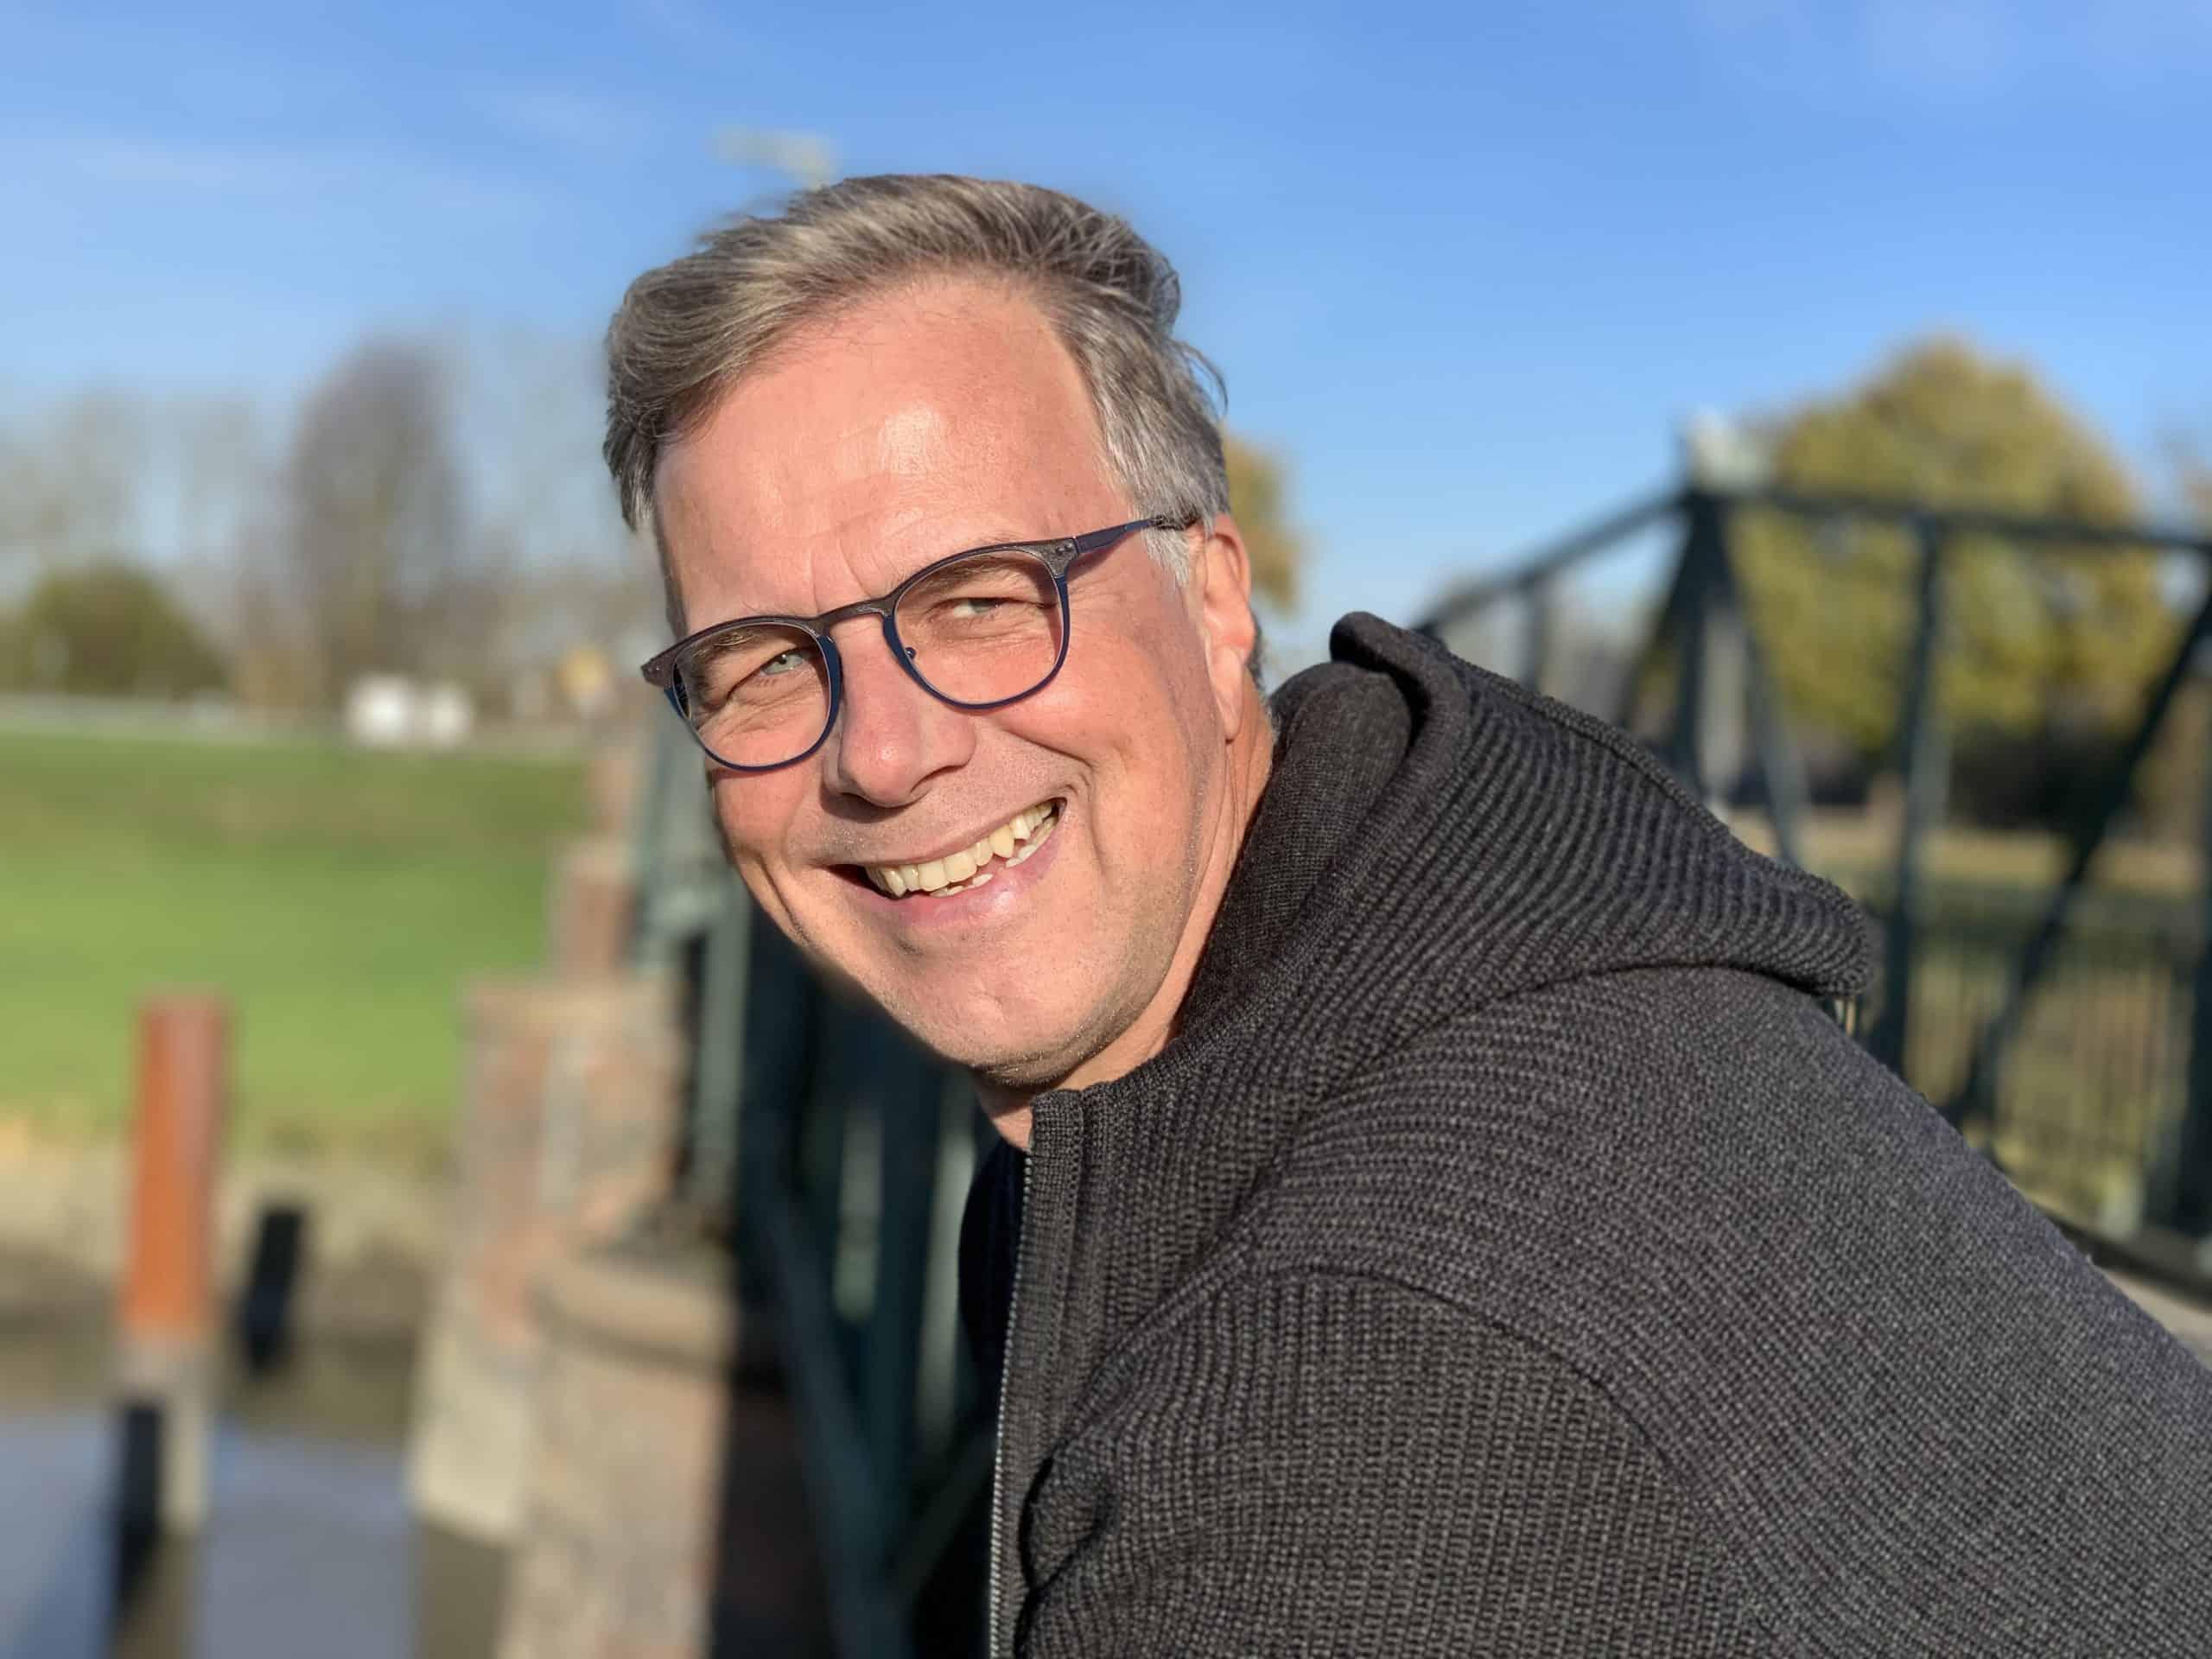 Volker Skibbe - Trainer und Coach für transformationalen Führungsstil